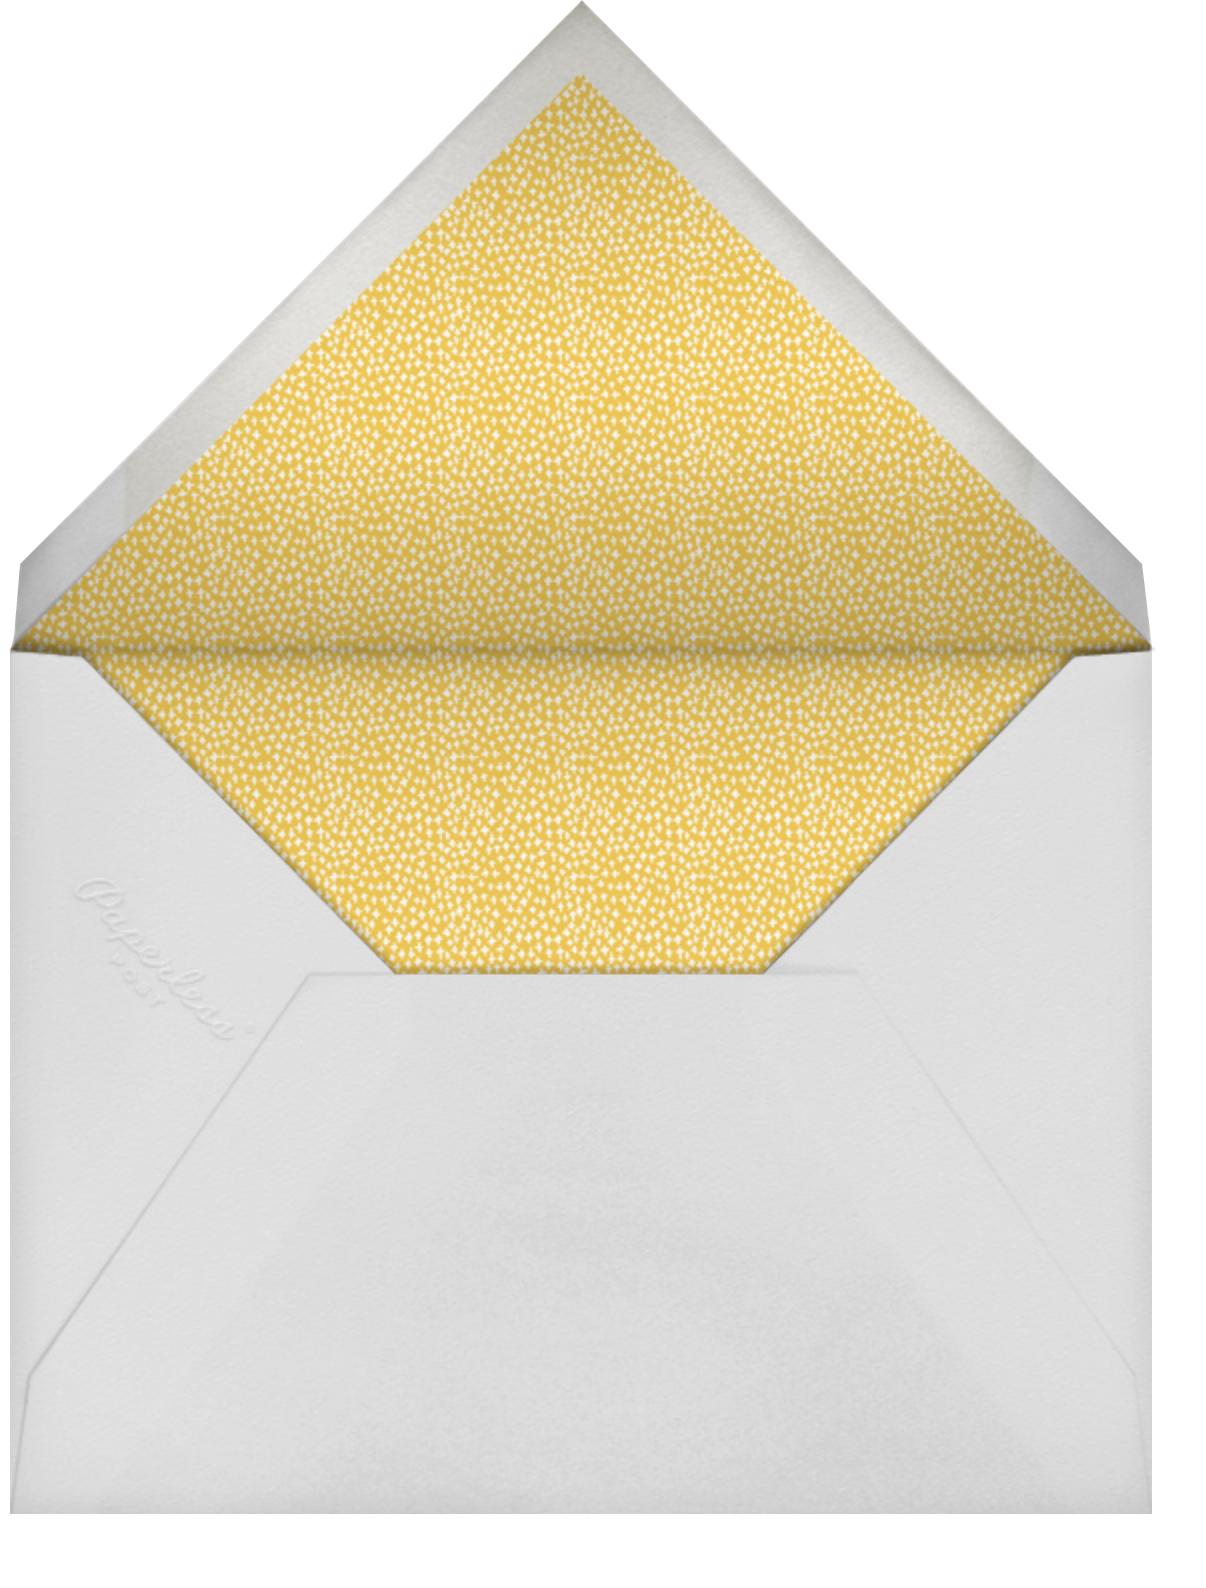 Stars in the Sky - Mr. Boddington's Studio - Thank you - envelope back